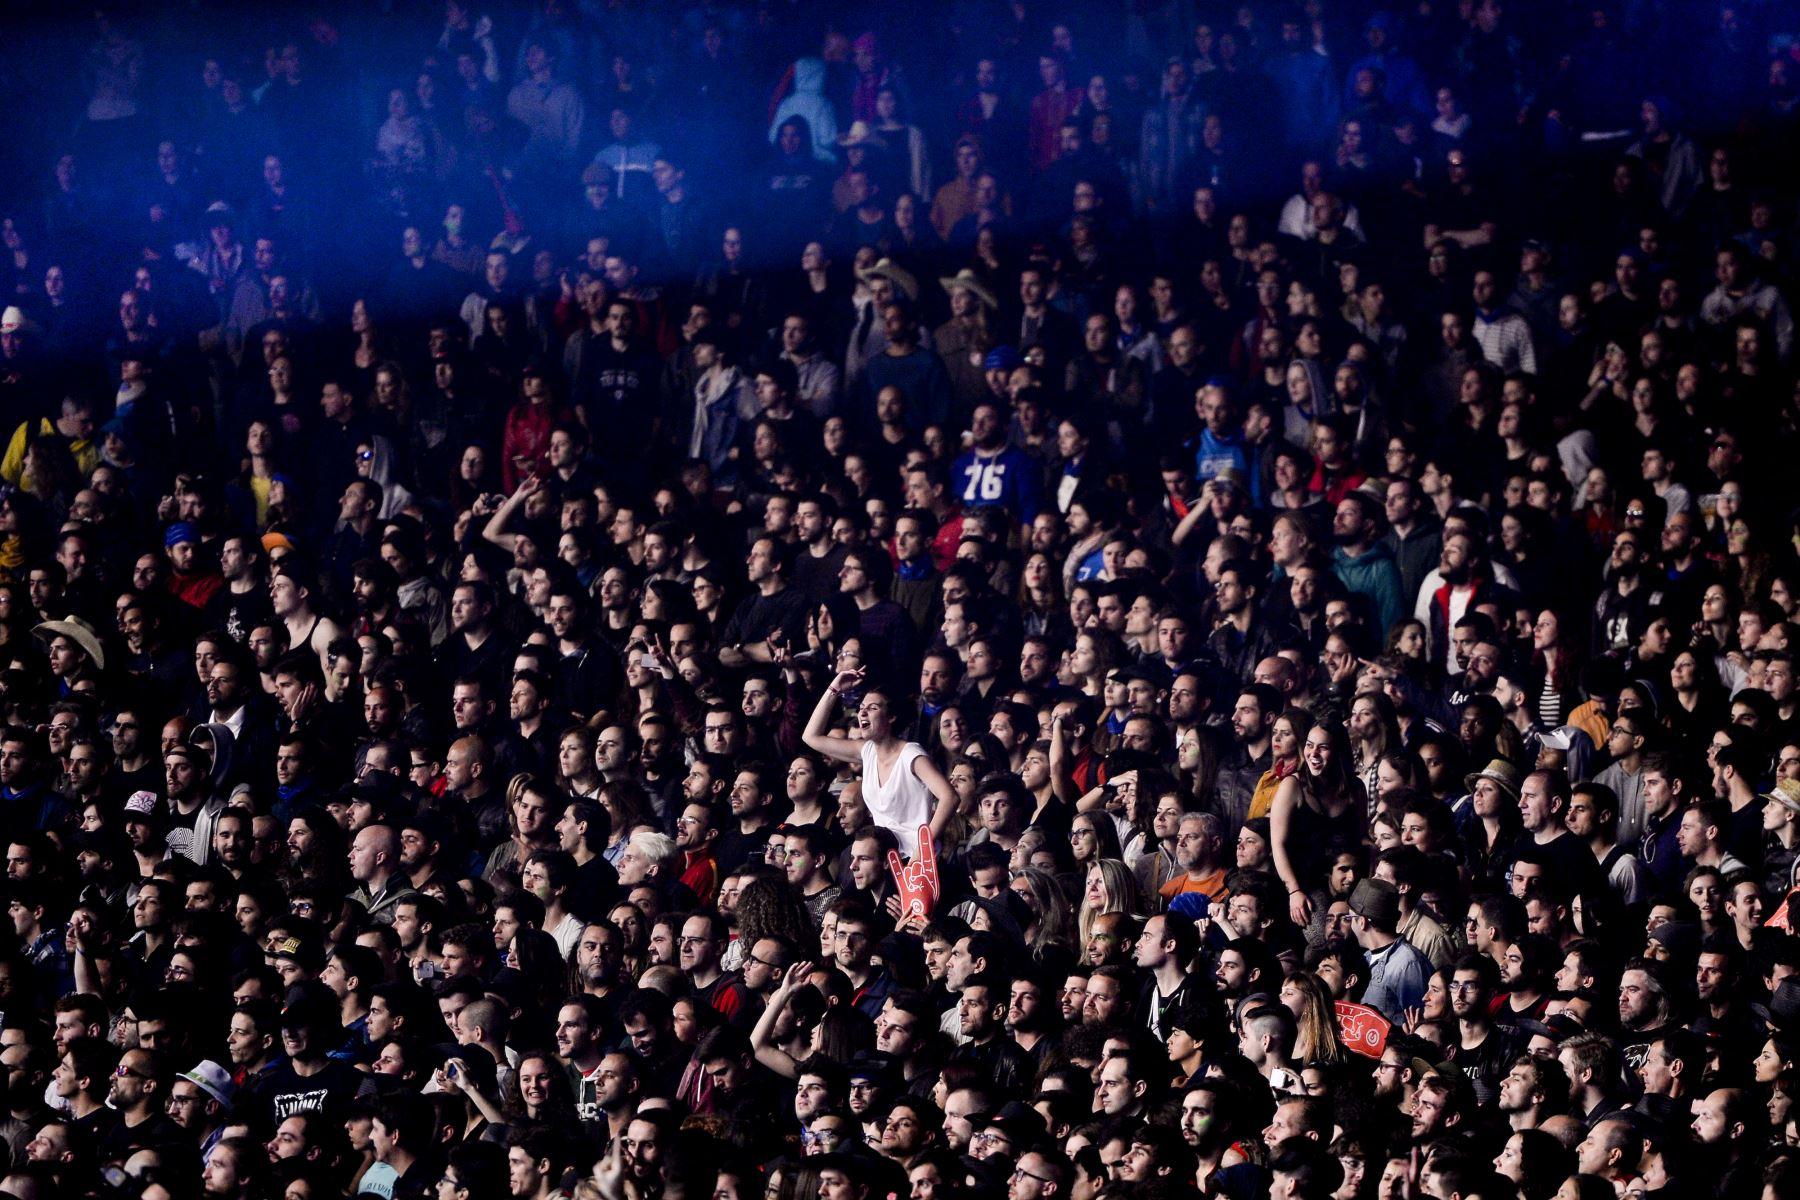 Rock in Rio ha ofrecido, en 35 años de vida y 20 ediciones en Río de Janeiro, Lisboa, Madrid y Las Vegas, 119 días de conciertos y 2.338 atracciones musicales, vistas por unos 10,2 millones de espectadores. Foto: AFP